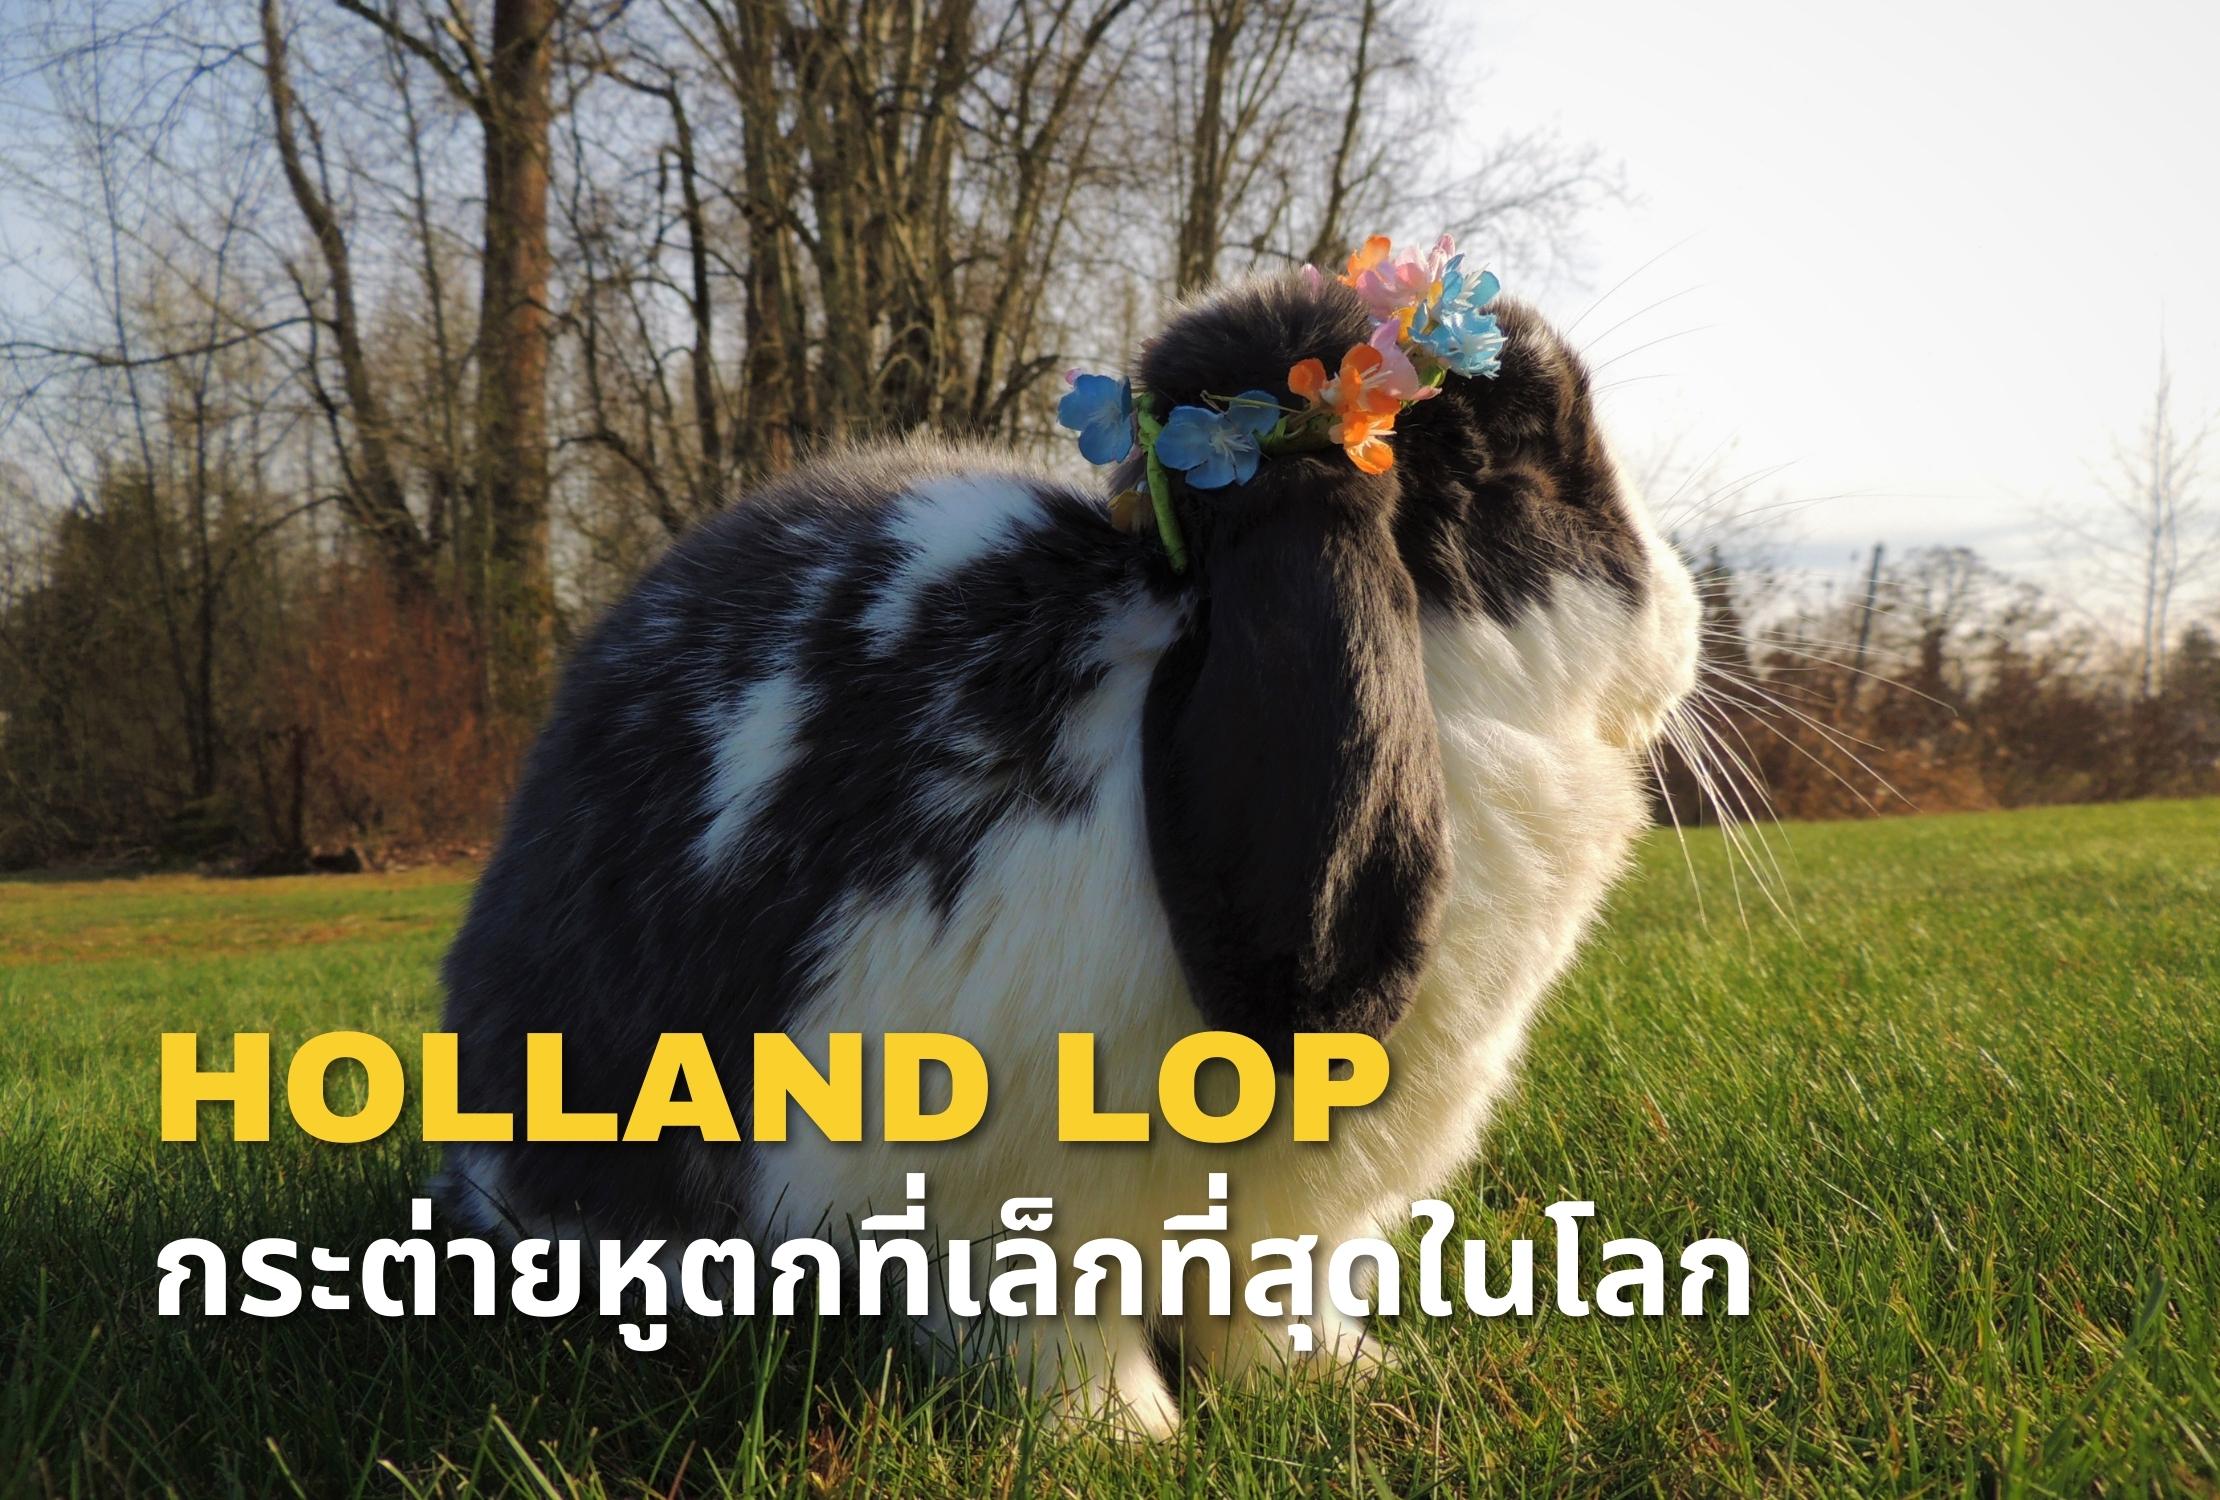 กระต่าย HOLLAND LOP กระต่ายหูตกที่เล็กที่สุดในโลก